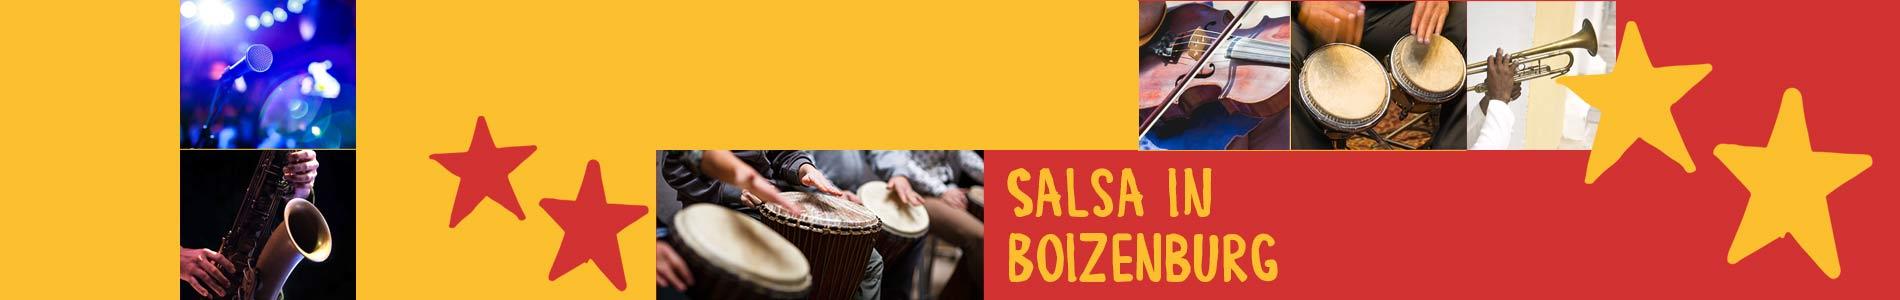 Salsa in Boizenburg – Salsa lernen und tanzen, Tanzkurse, Partys, Veranstaltungen